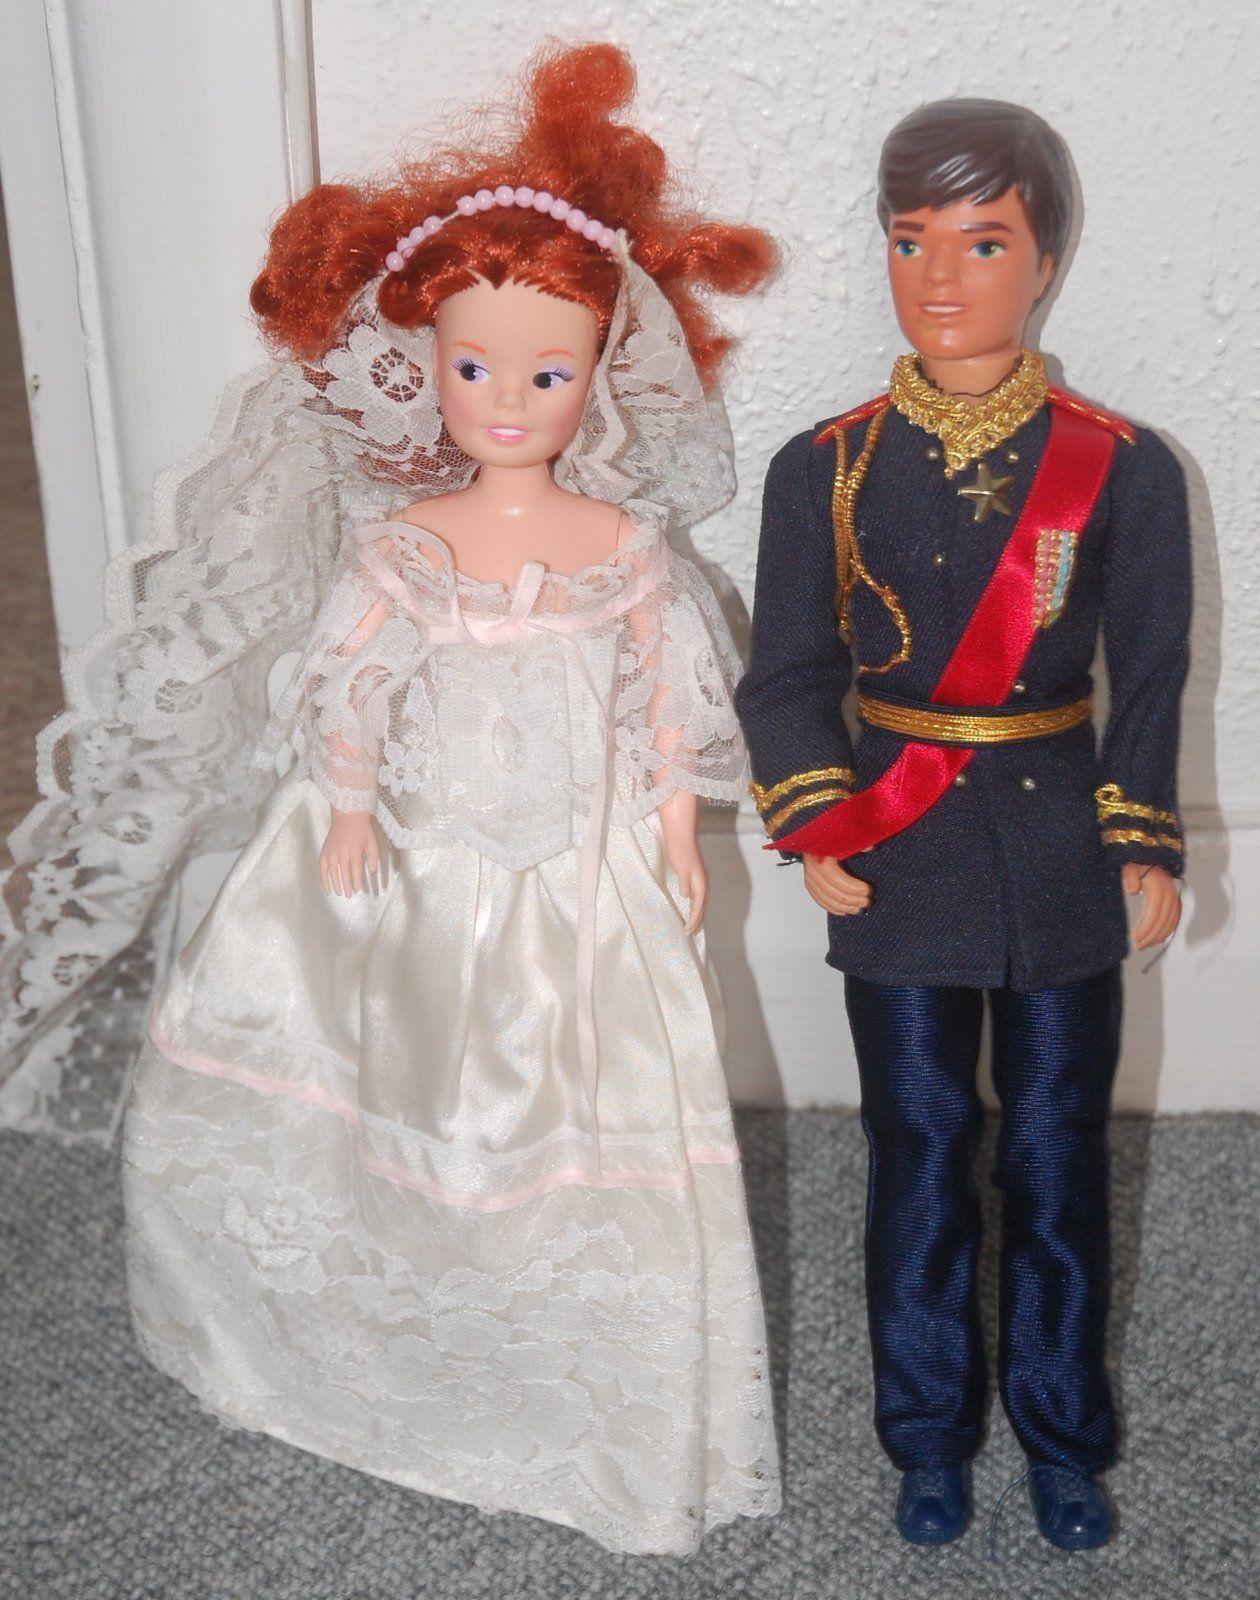 Prince Andrew & Fergie Wedding Day Sindy Dolls 1980s 10.35